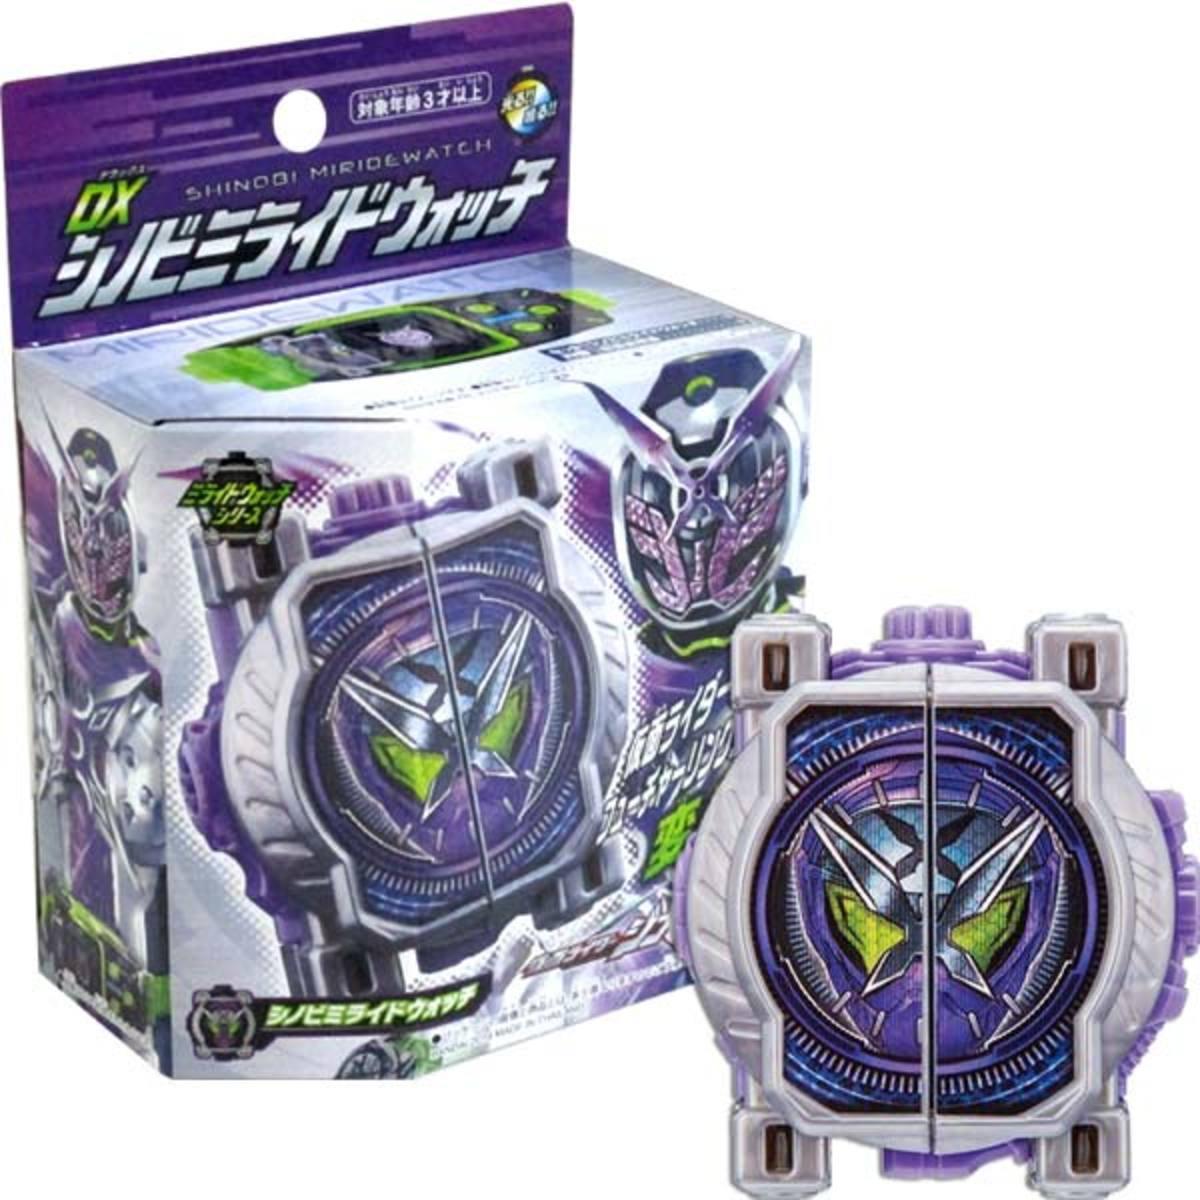 《幪面超人系列》DX 忍者未來變身手錶